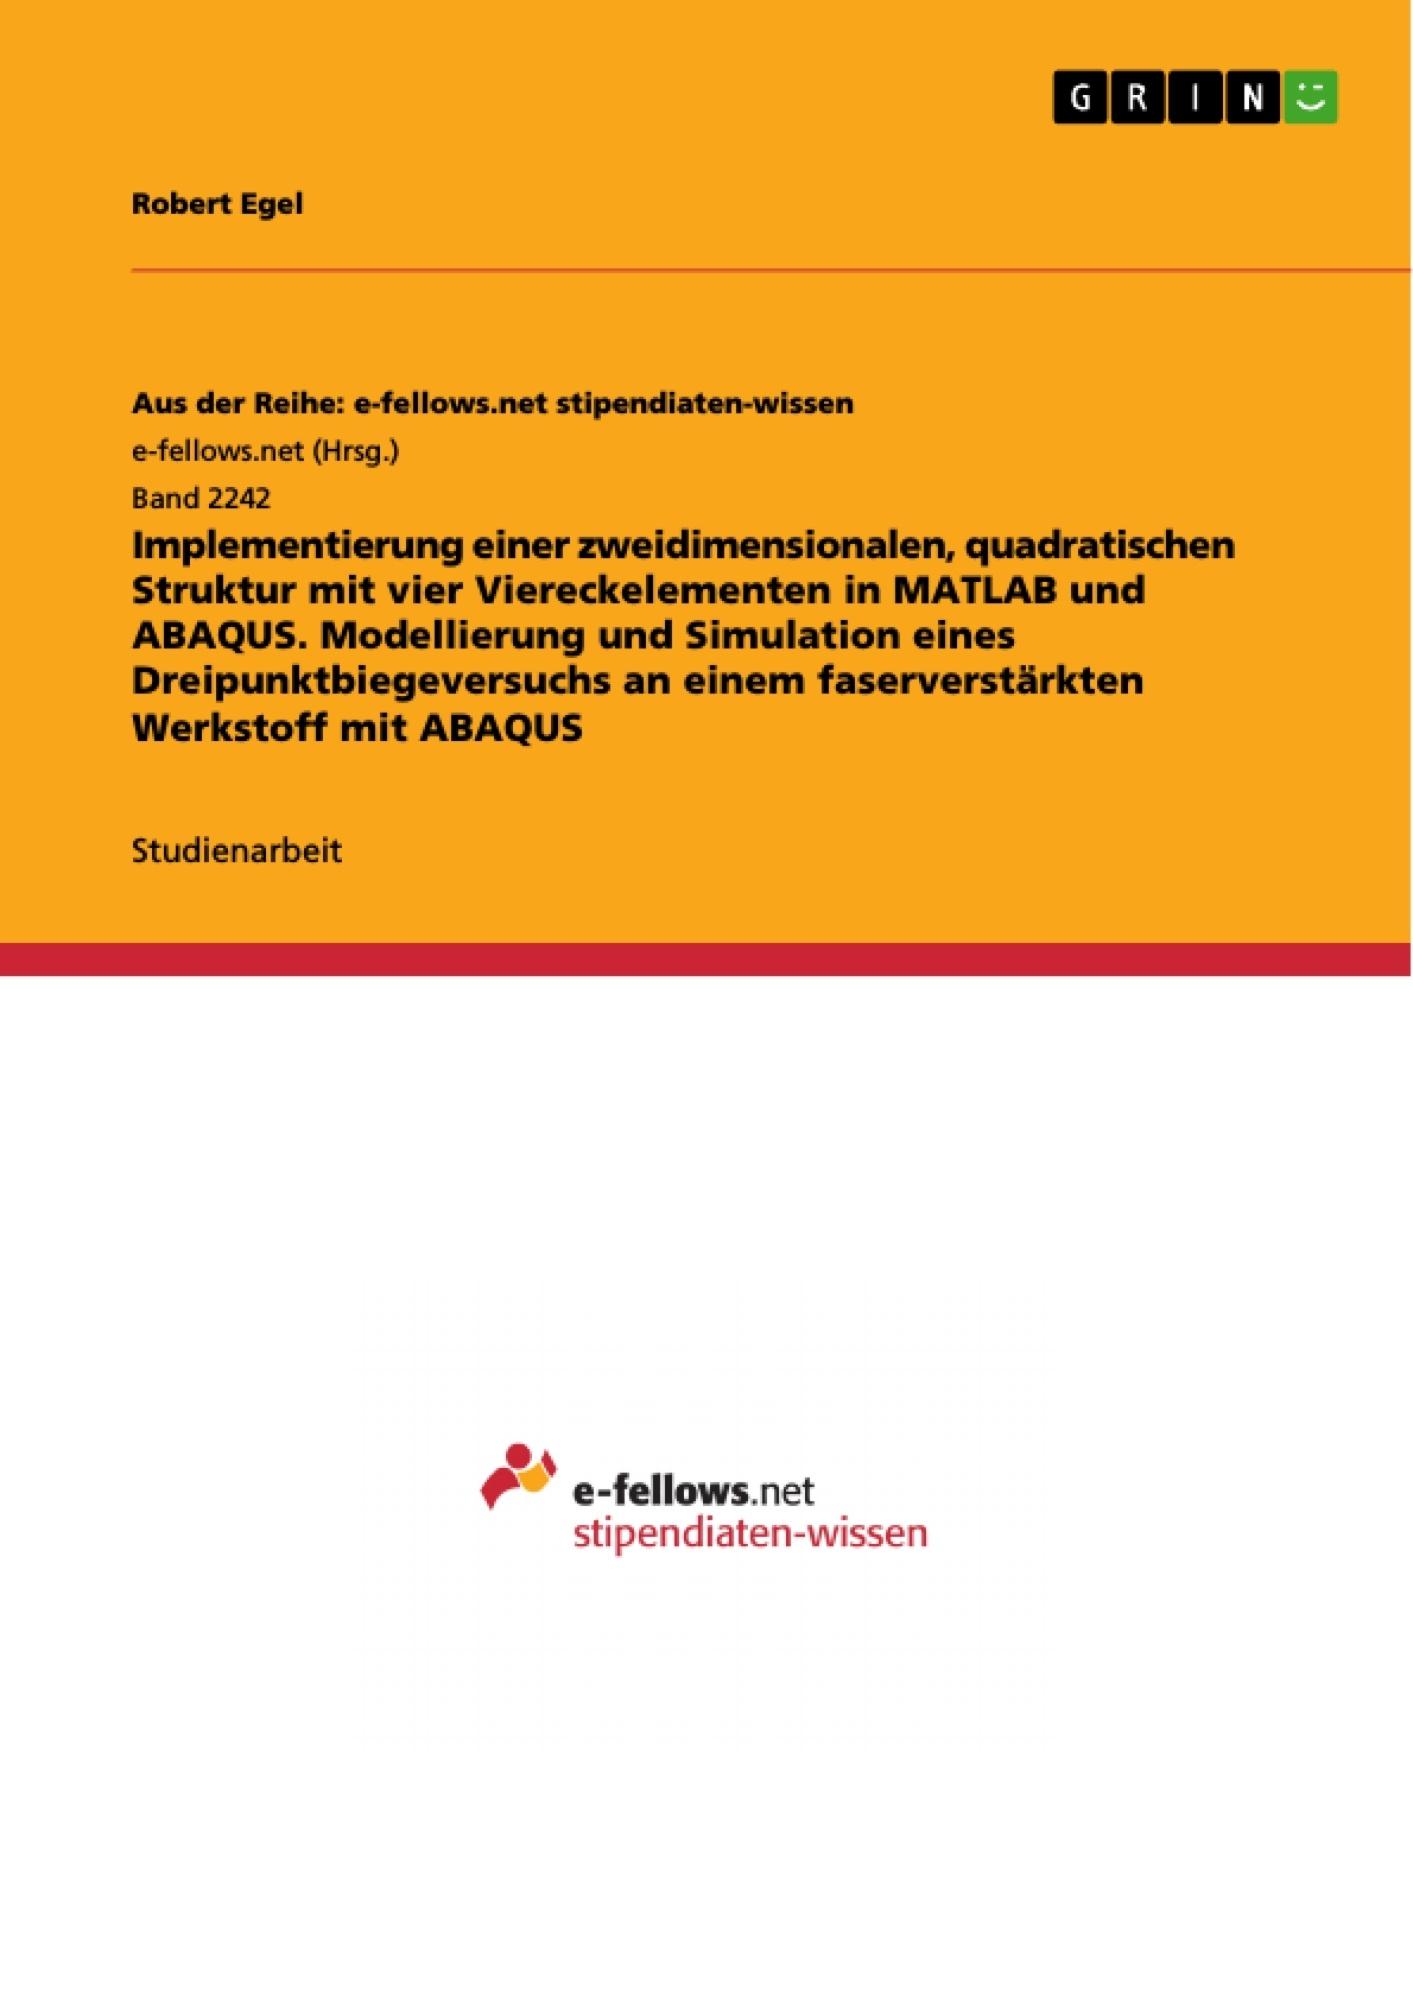 Titel: Implementierung einer zweidimensionalen, quadratischen Struktur mit vier Viereckelementen in MATLAB und ABAQUS. Modellierung und Simulation eines Dreipunktbiegeversuchs an einem faserverstärkten Werkstoff mit ABAQUS